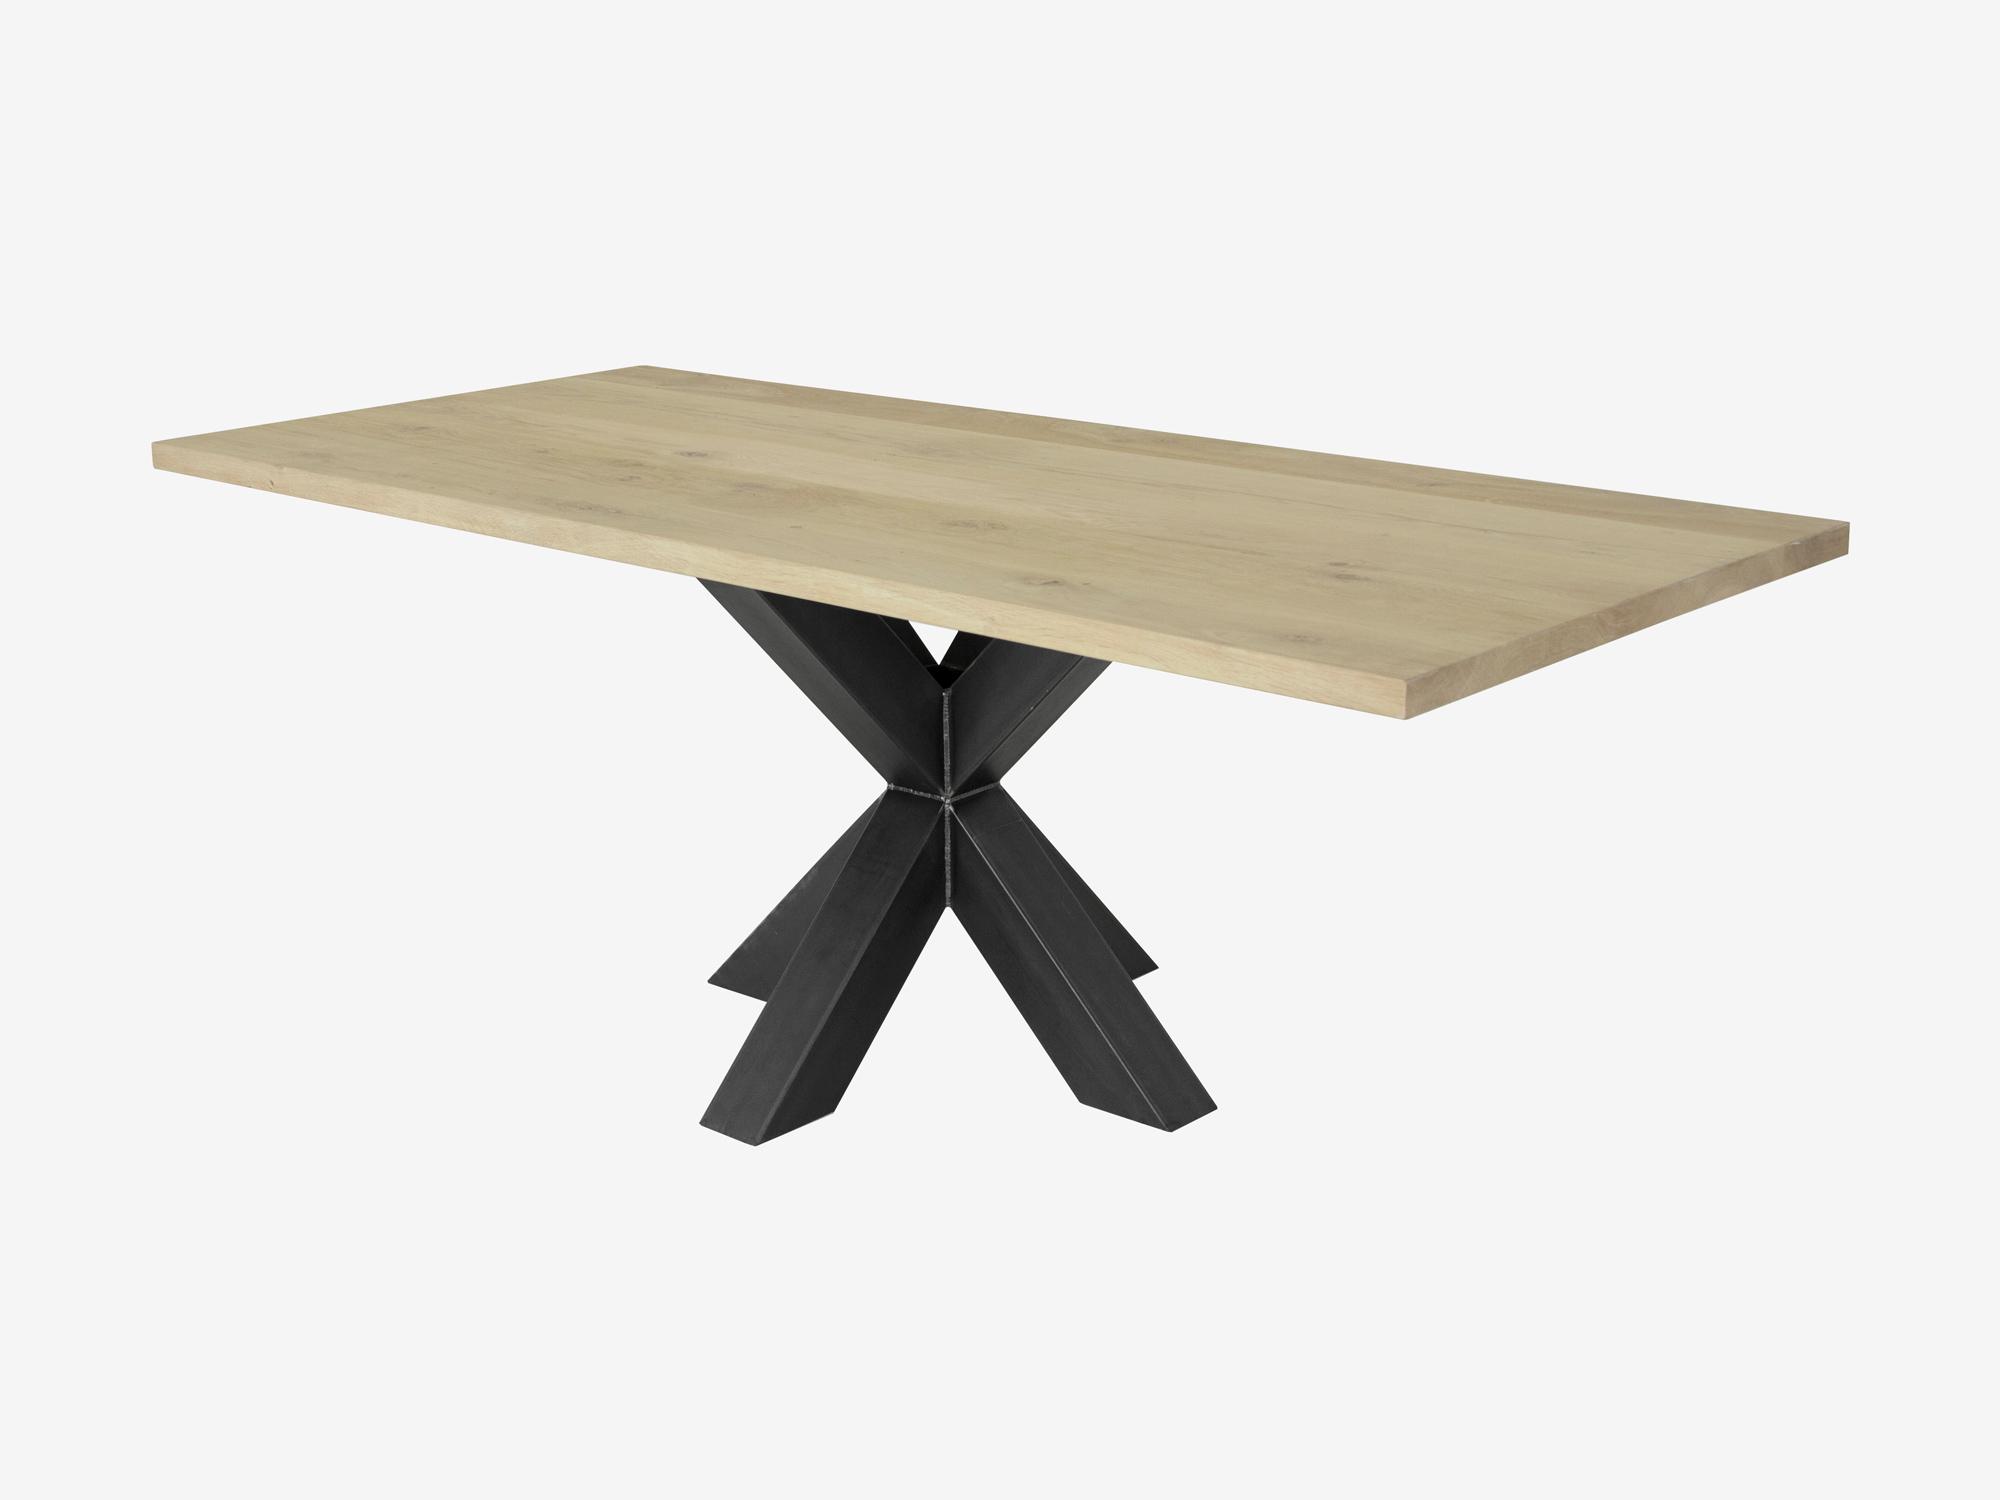 Eettafel fedor eikenhout fØrn maatwerk meubelen